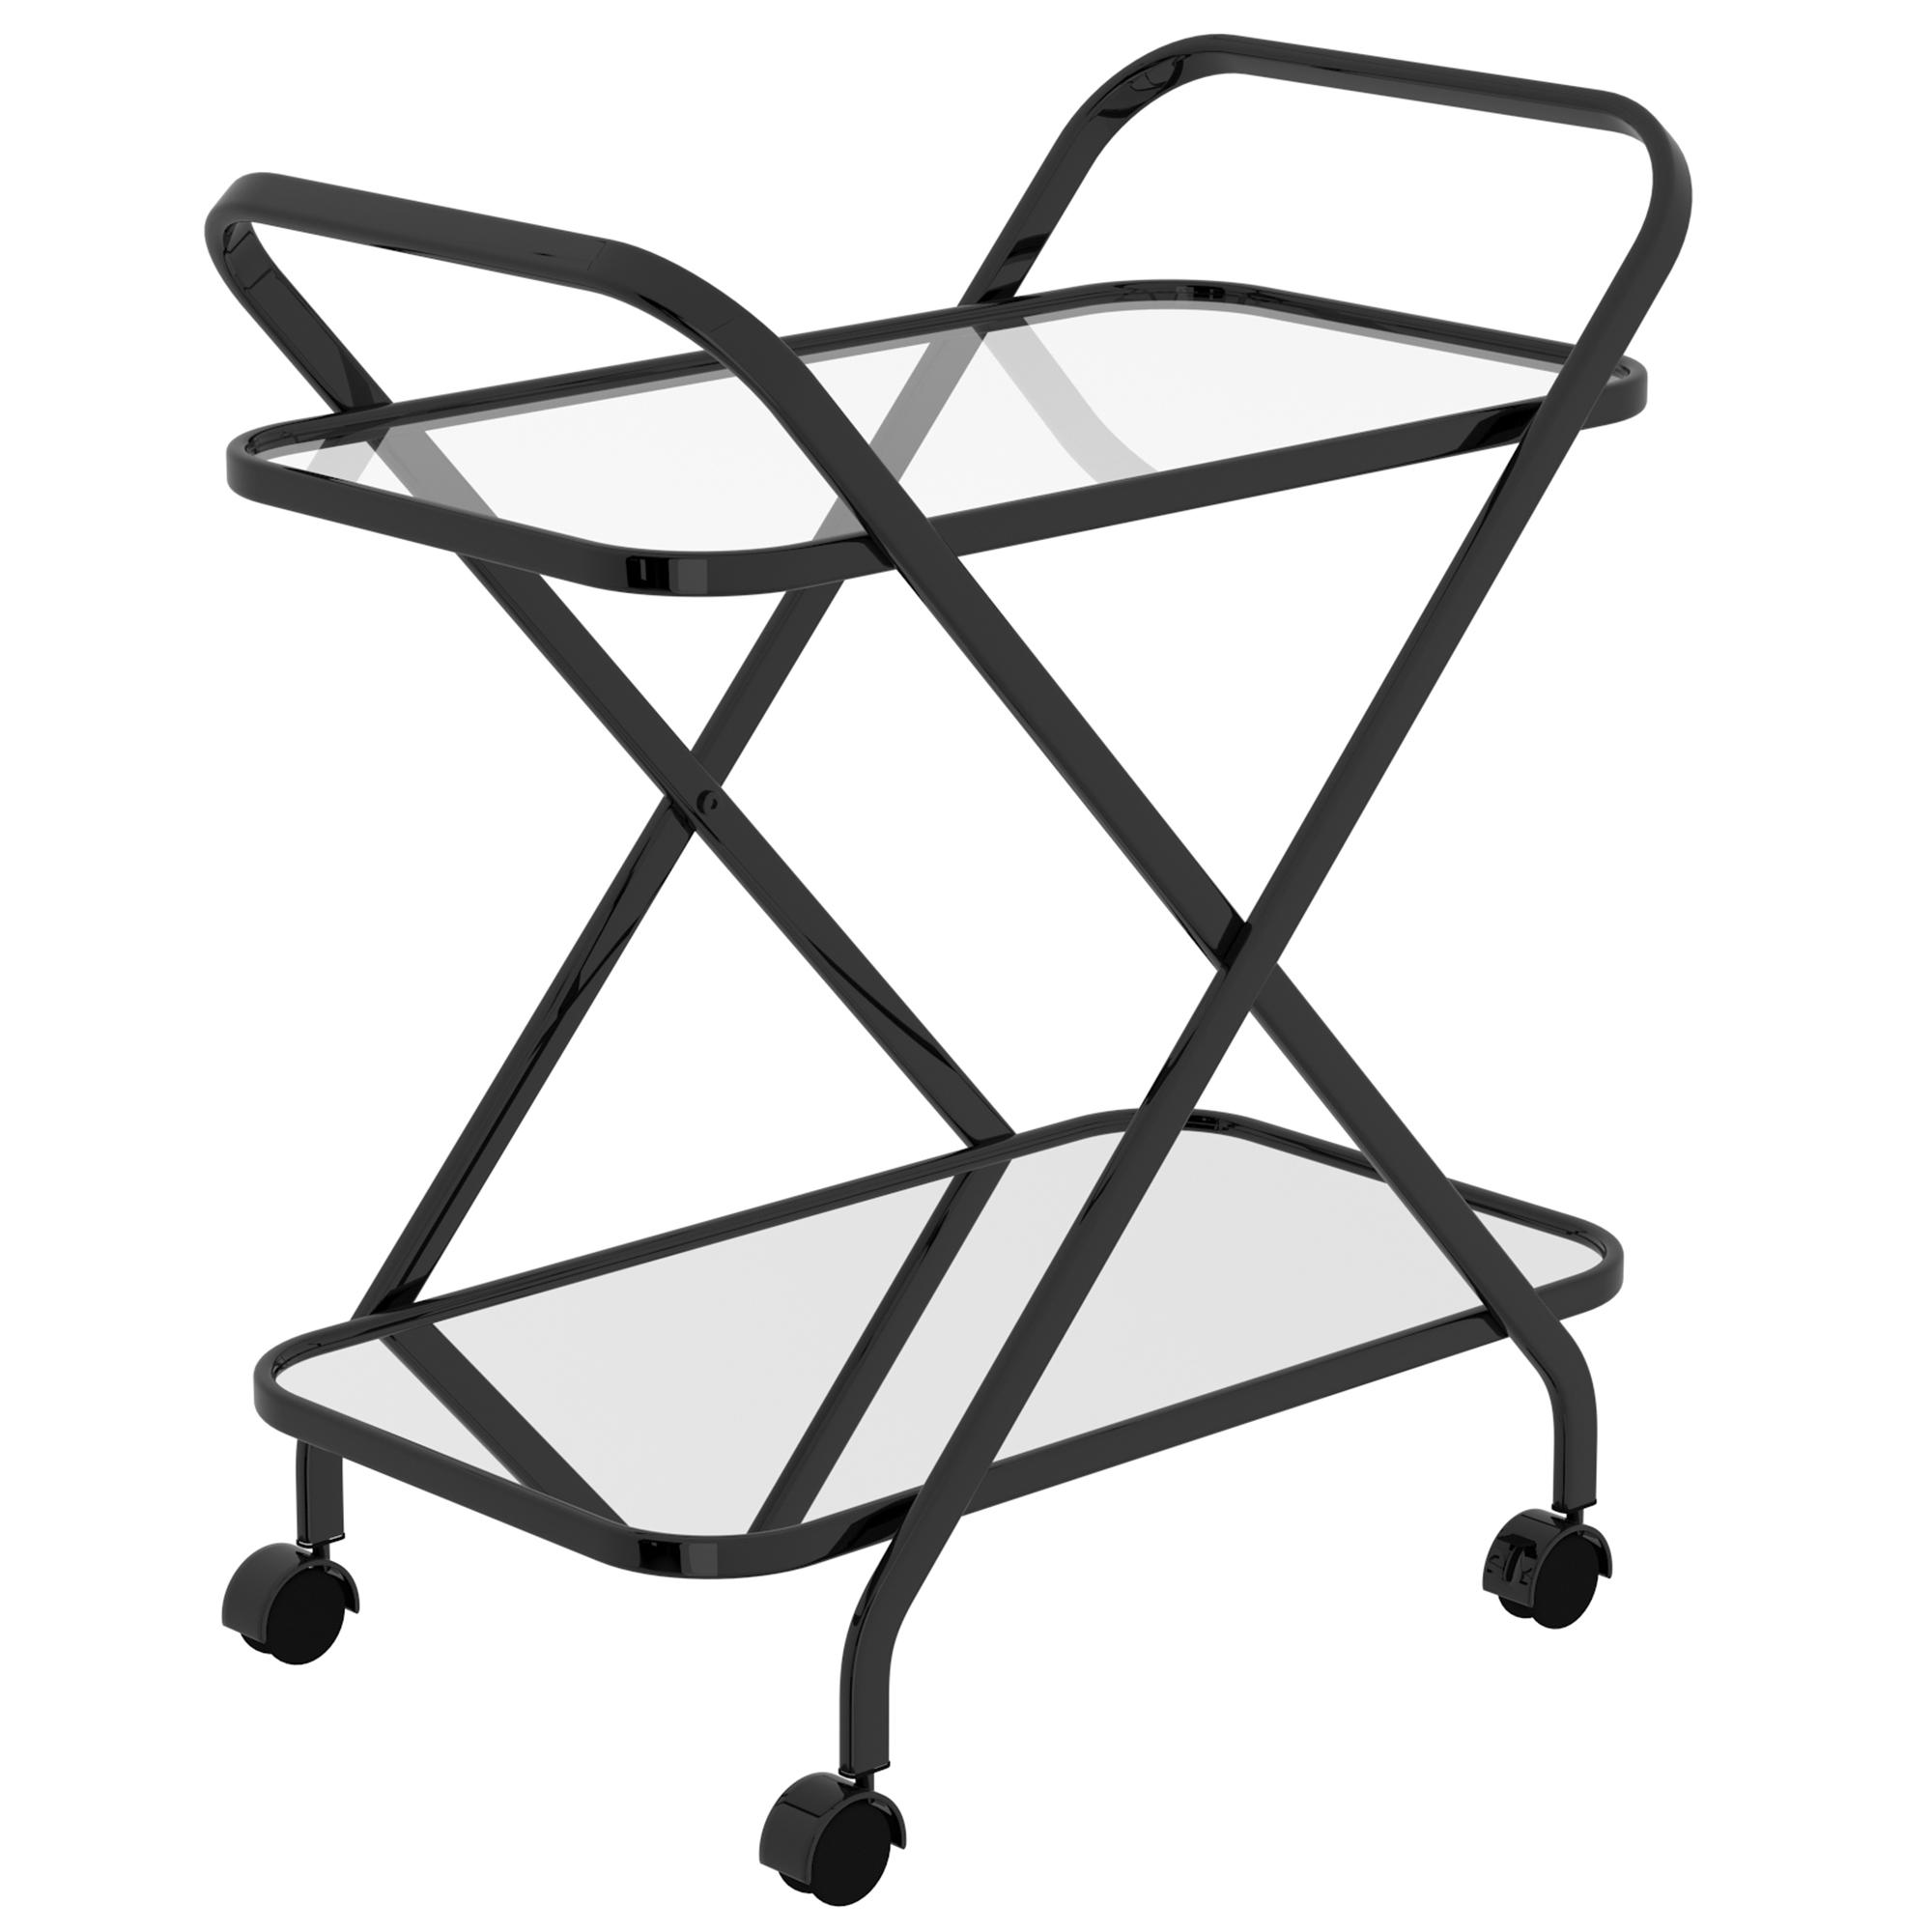 Contemporary Metal 2-Tier Bar Cart in Black